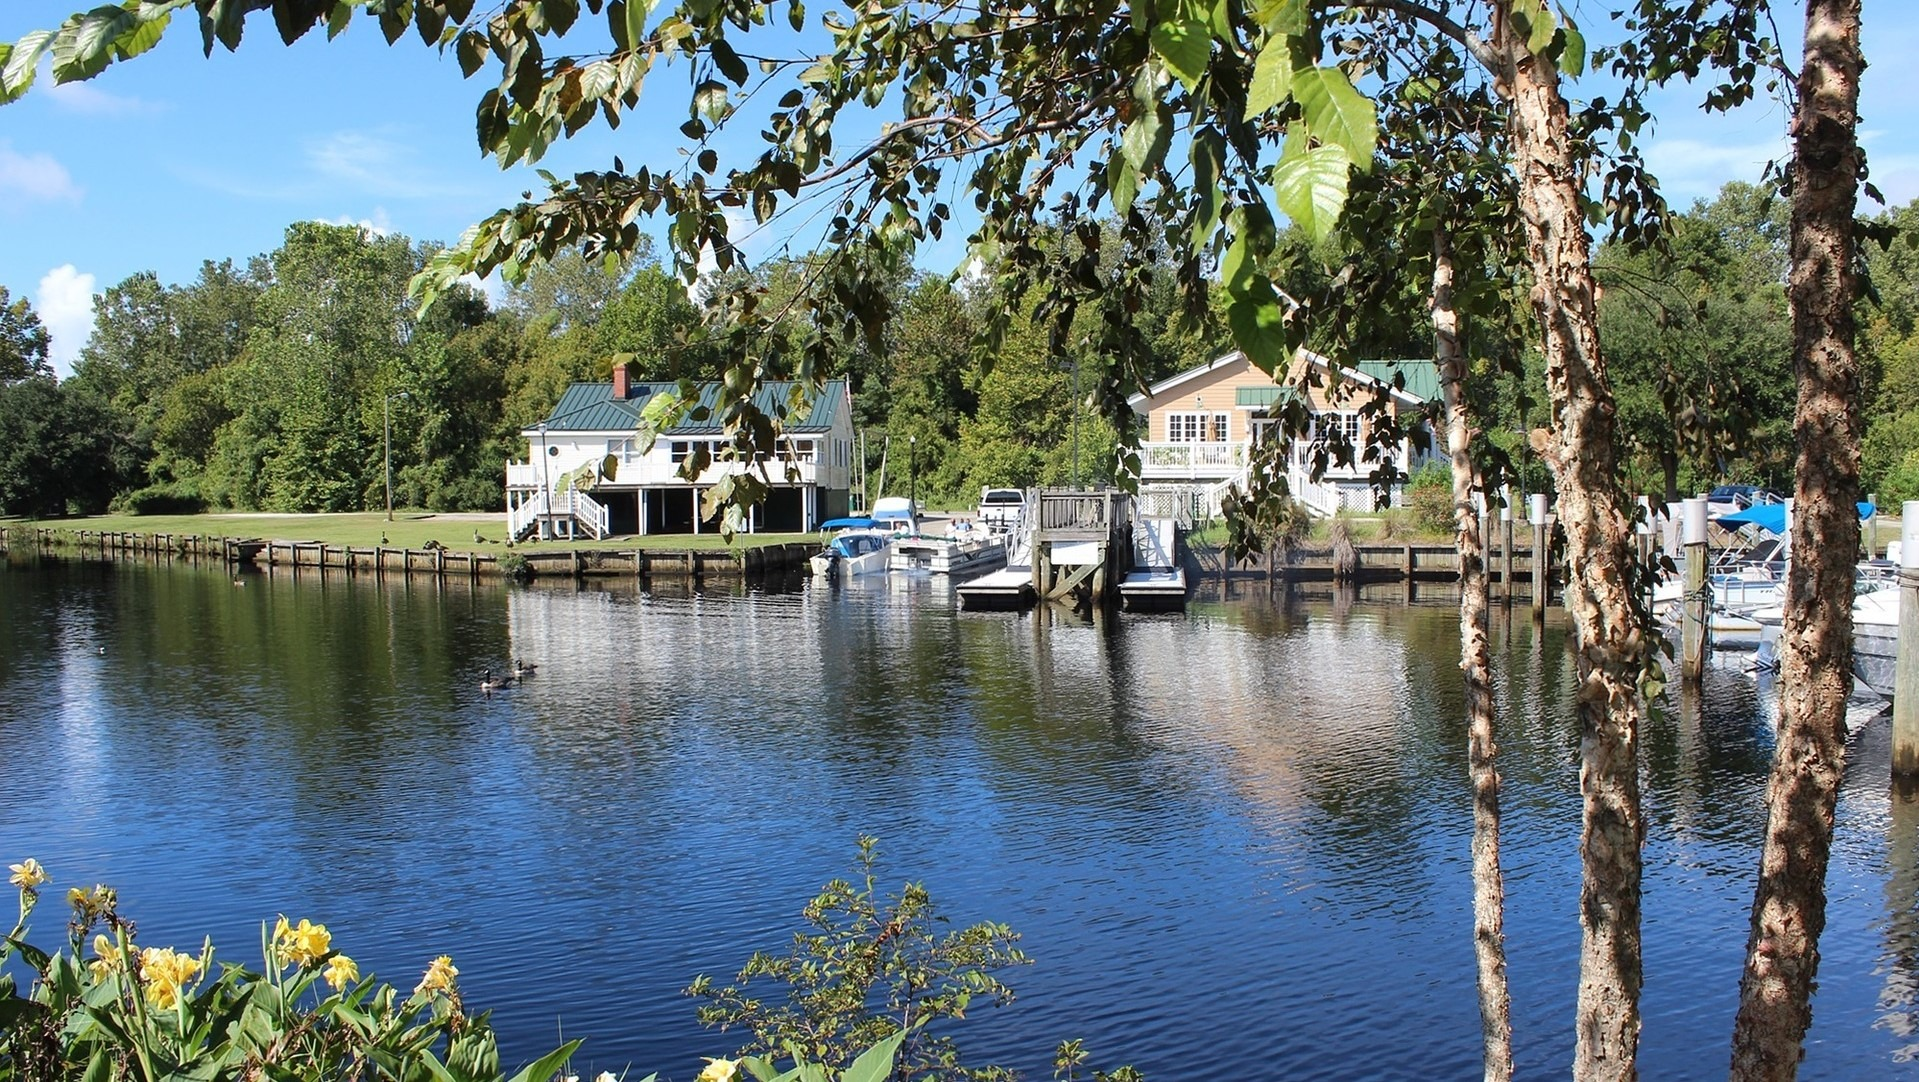 View from Lake Conway, South Carolina - GoodwillCarDonation.org